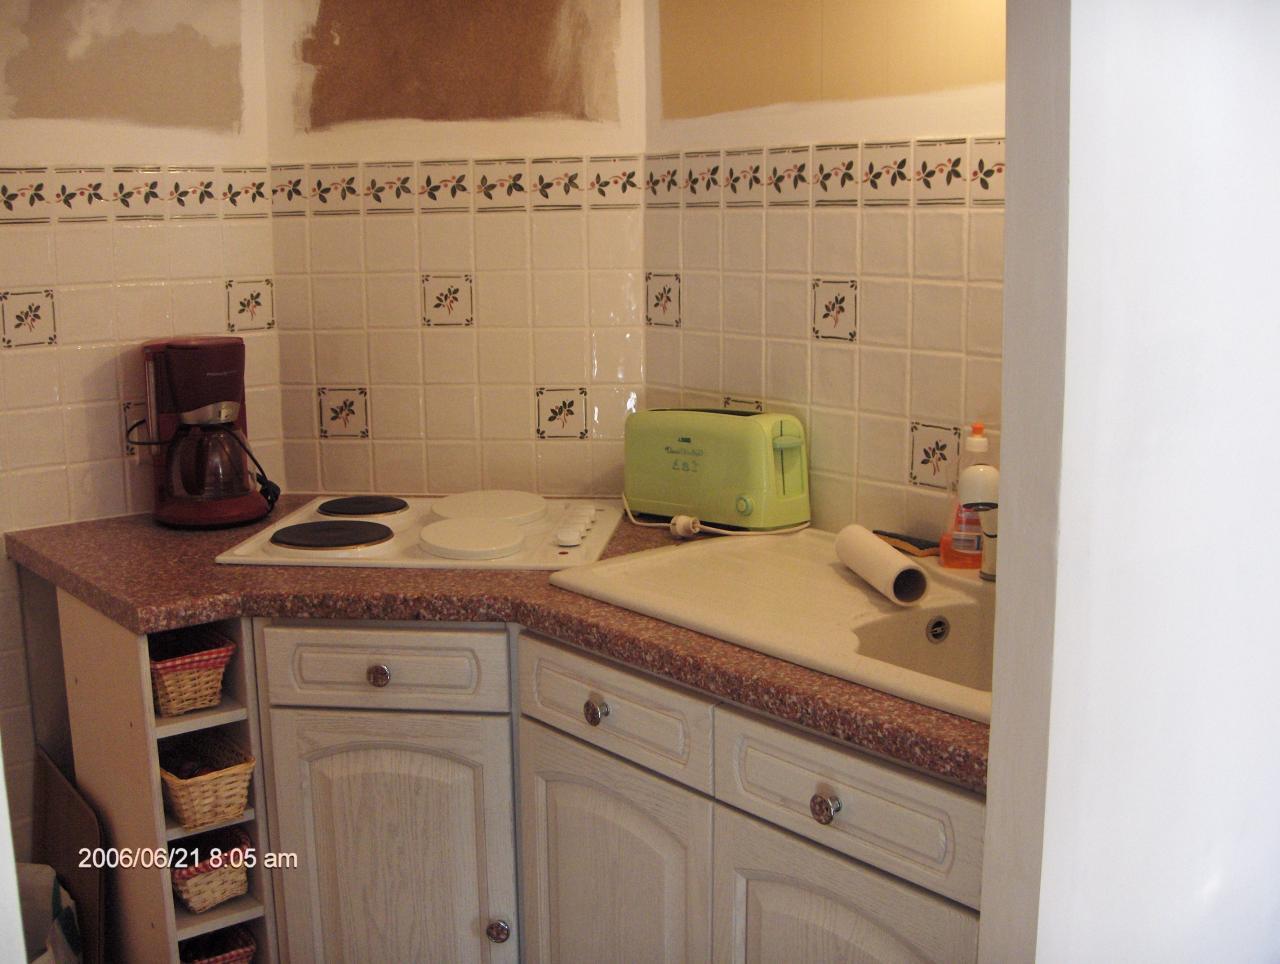 cuisine plan 3d maison fran ois fabie. Black Bedroom Furniture Sets. Home Design Ideas